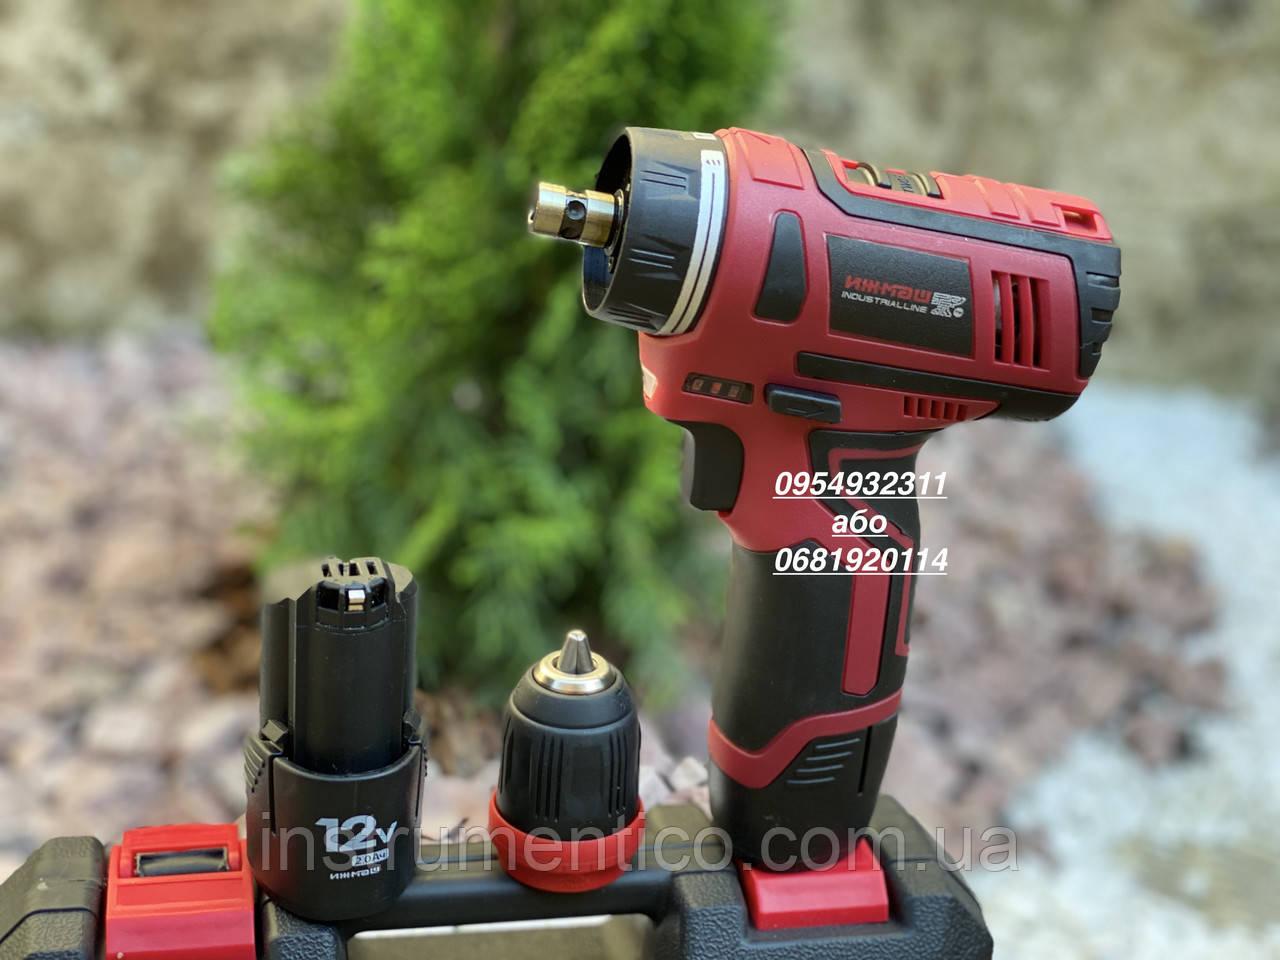 Шуруповерт аккумуляторный Ижмаш Industrialline ICD-12DFR